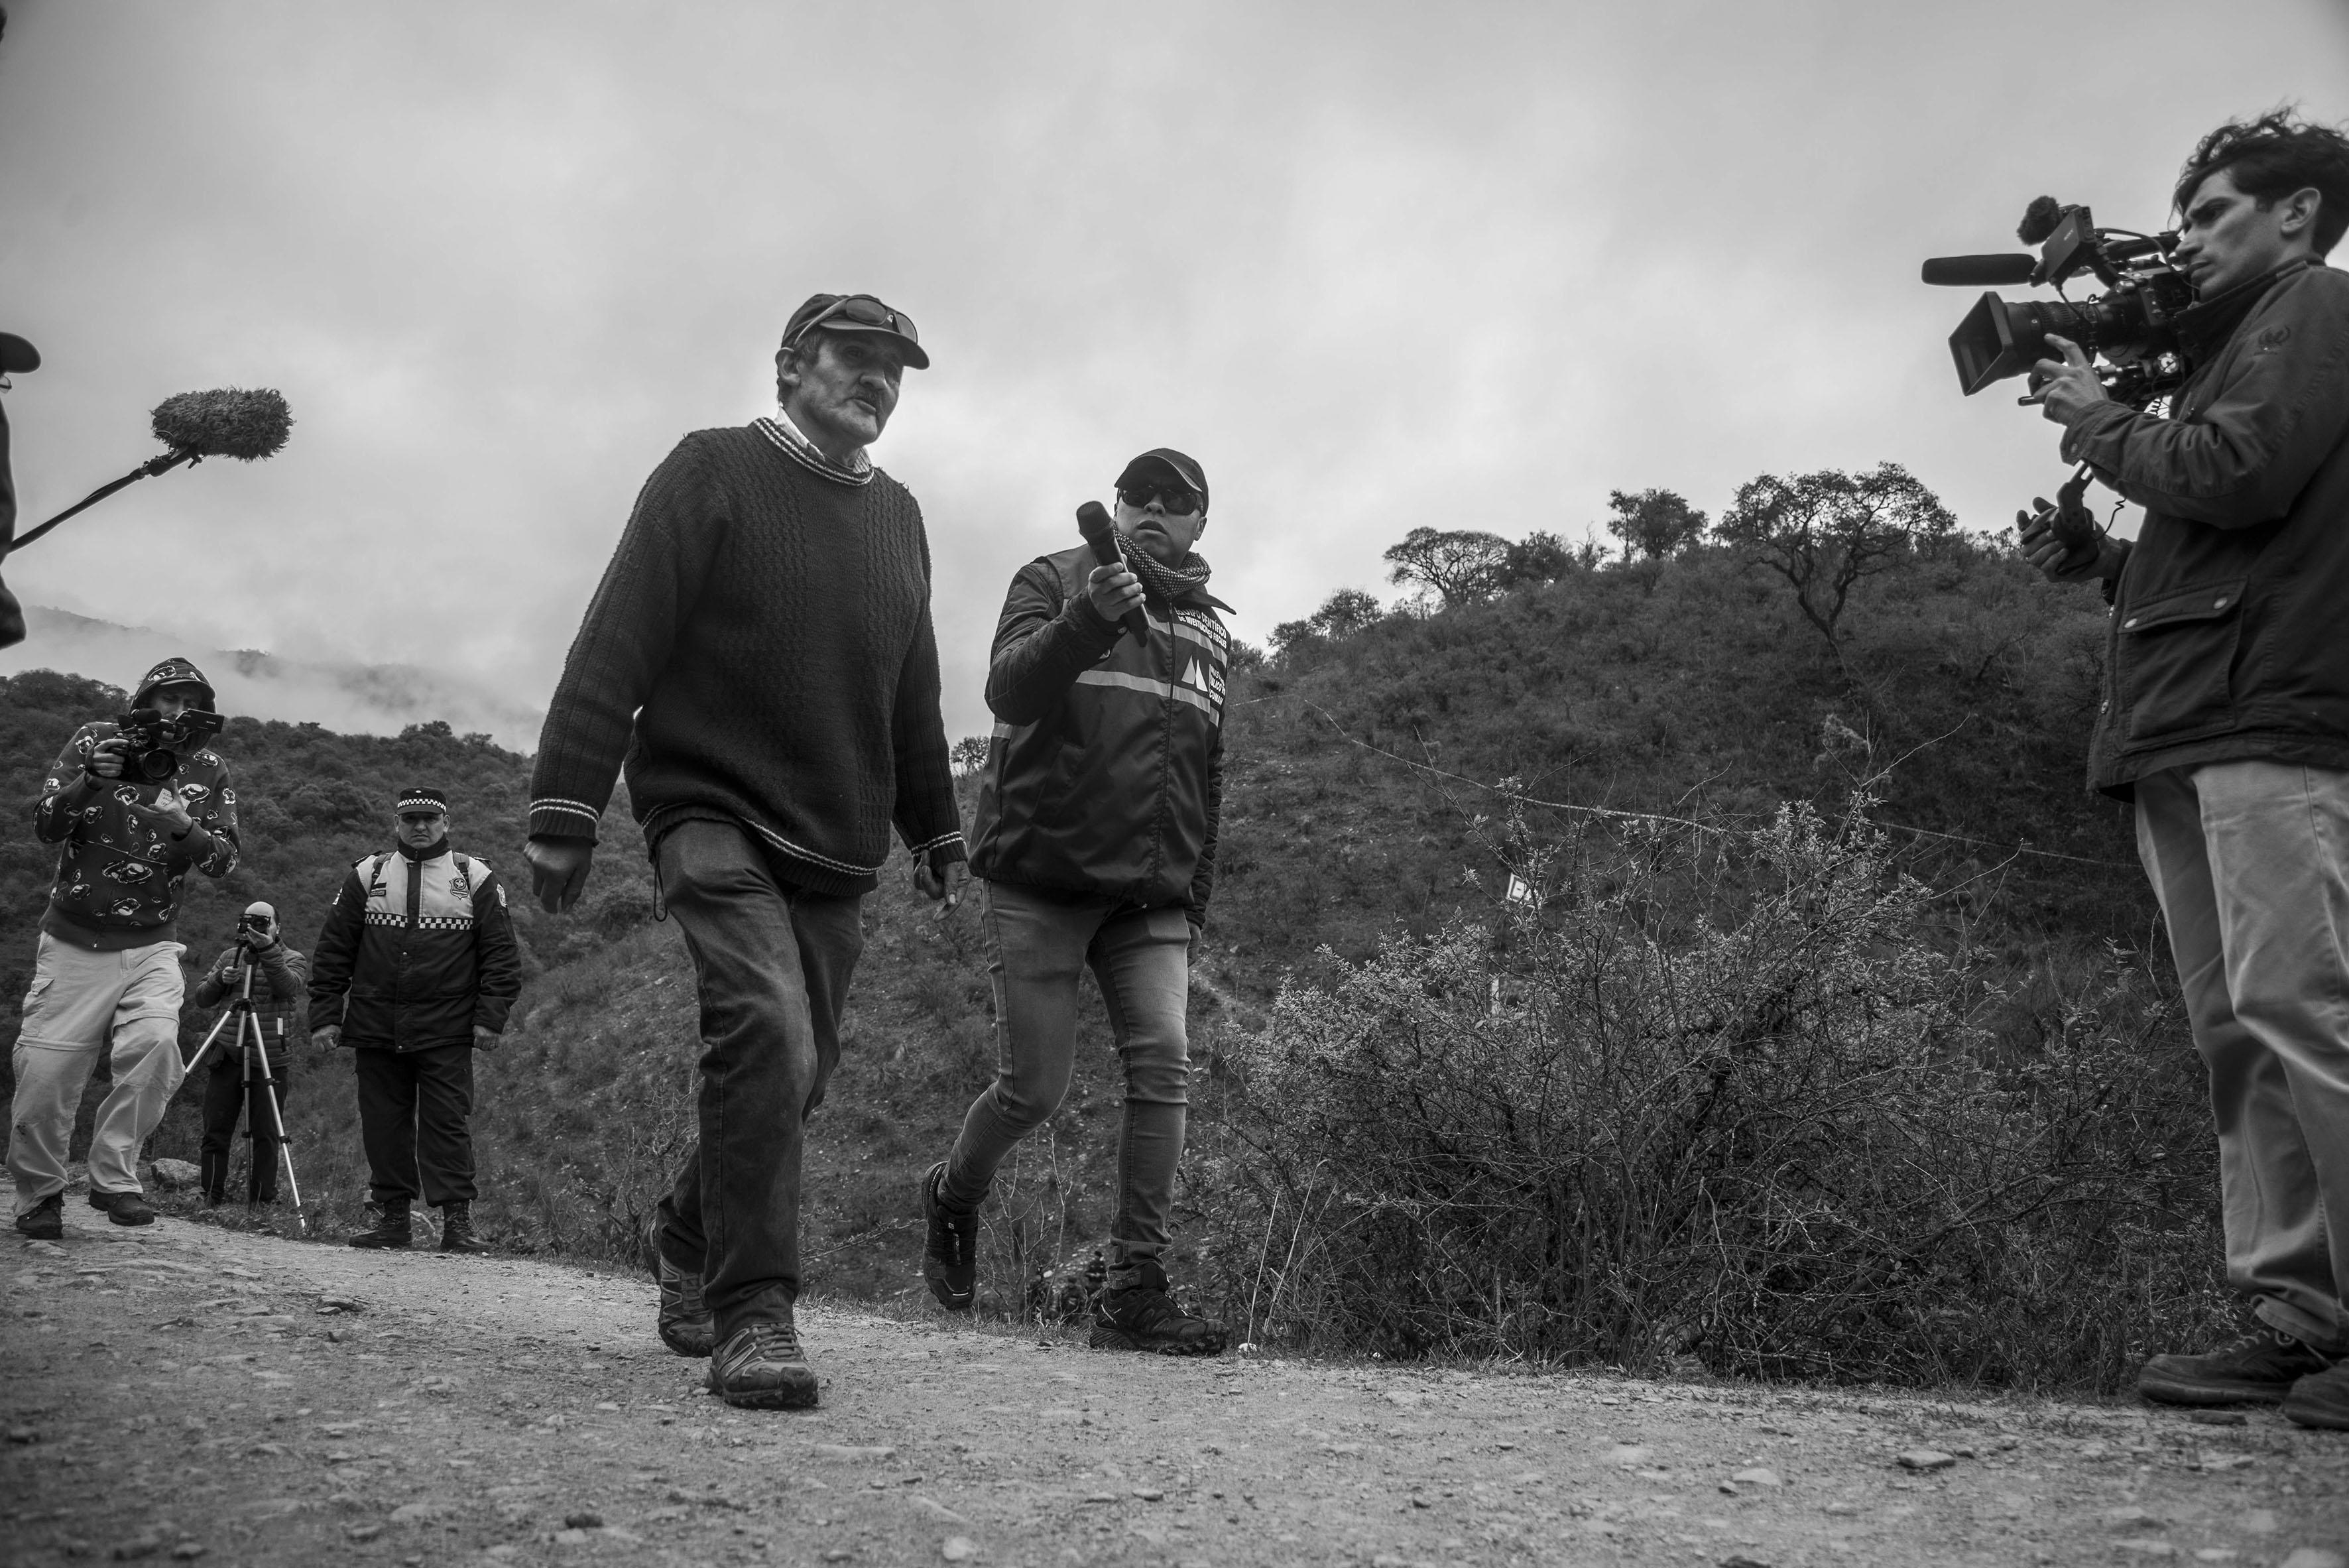 El Chorro, Tucumán, Argentina. Octubre 02/2018. Reconstrucción del asesinato a Javier Chocobar. El testigo Delfín Cata da su versión de los hechos.